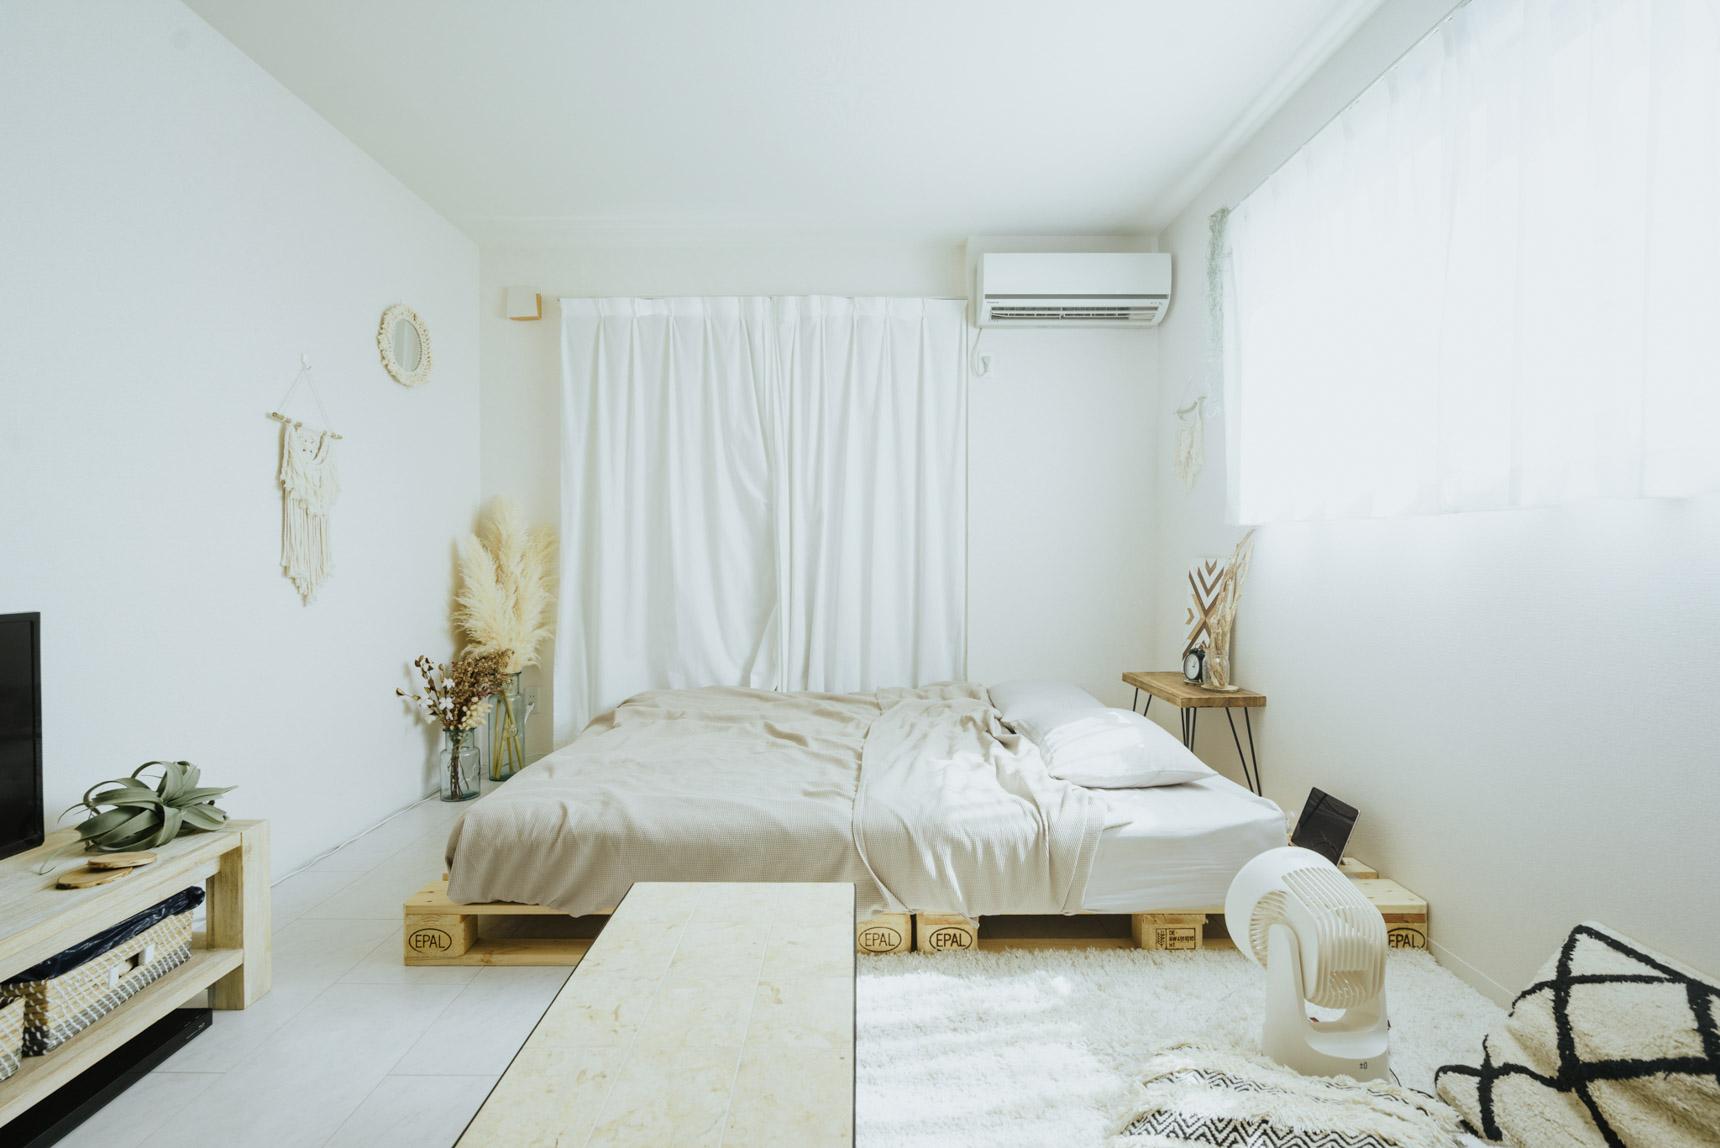 こちらはアーバンとボヘミアンの雰囲気がミックスされたBOHOスタイルのお部屋。